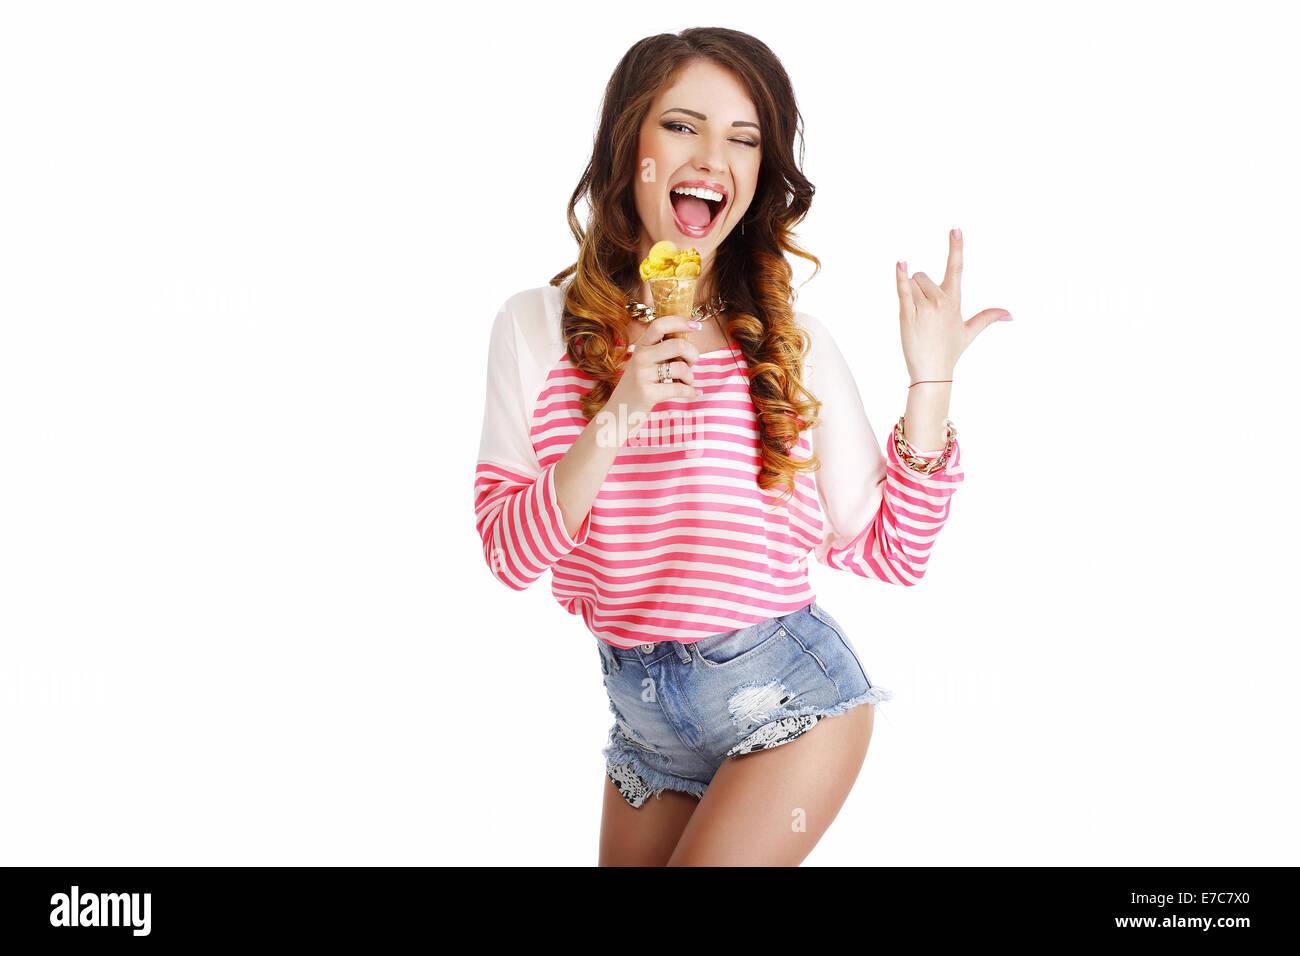 La dulzura. Linda chica con delicioso helado sonriendo Imagen De Stock